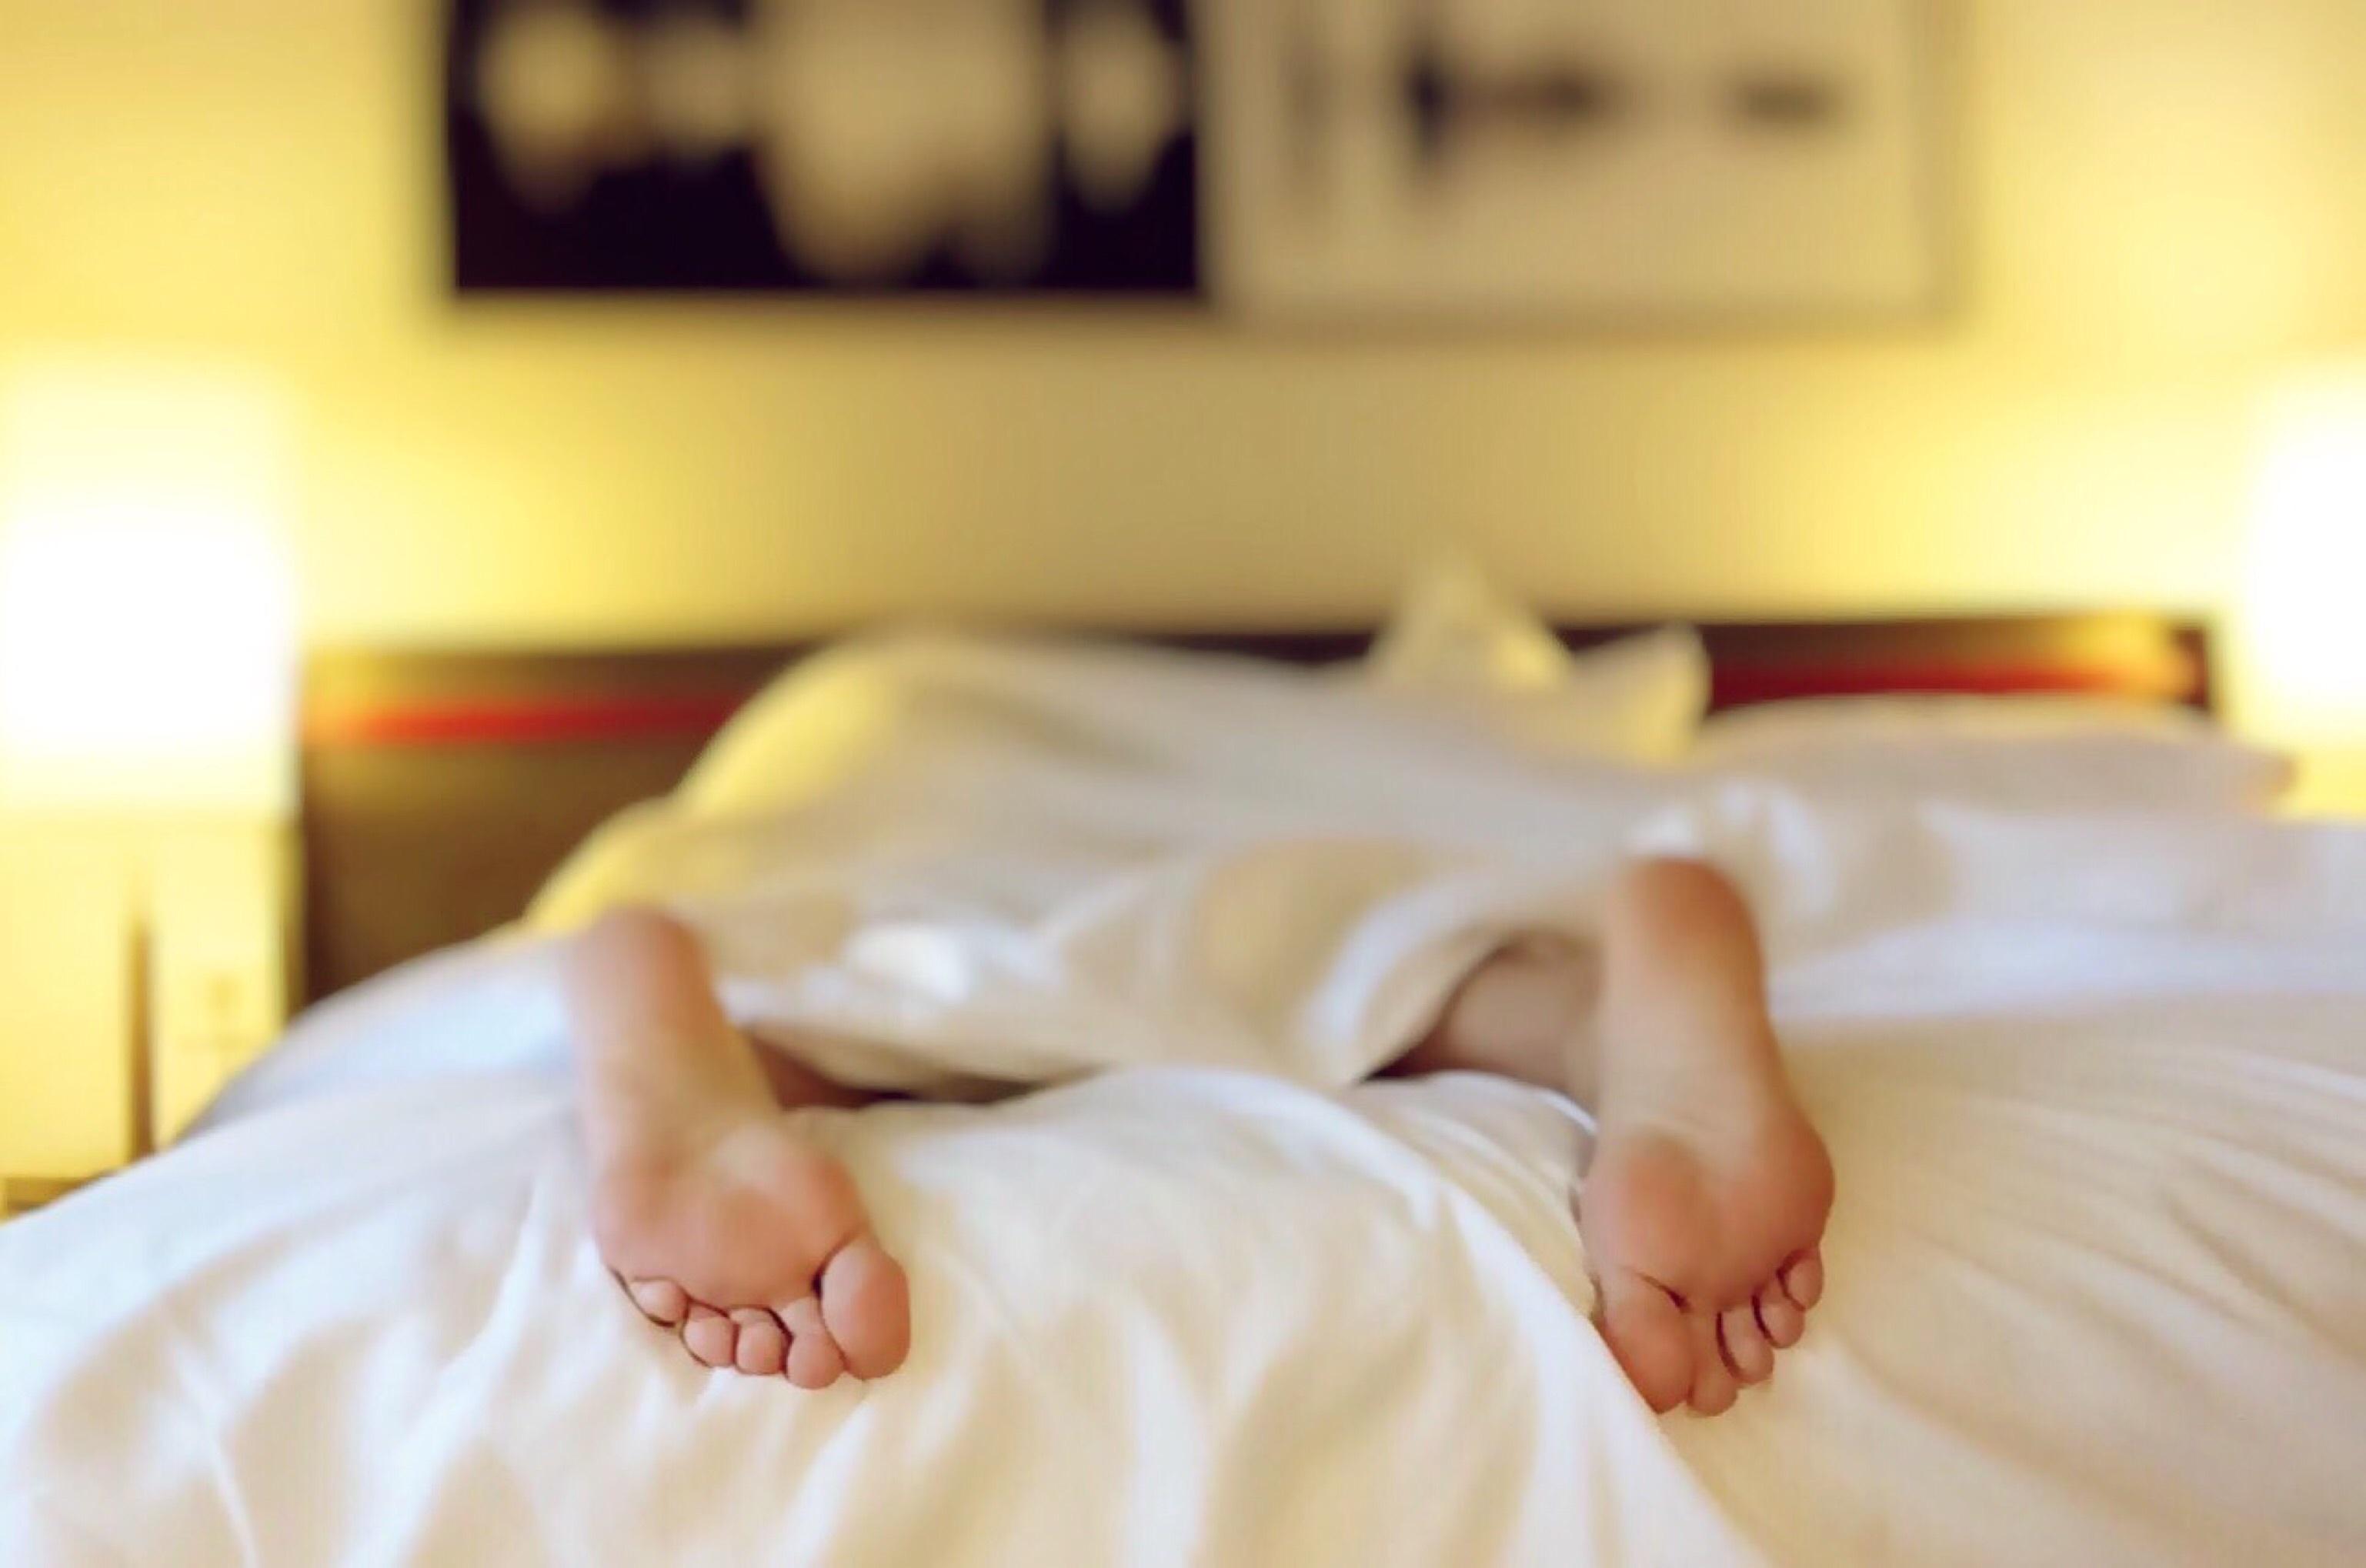 Una persona dorme meglio insieme ad un partner? Benessere